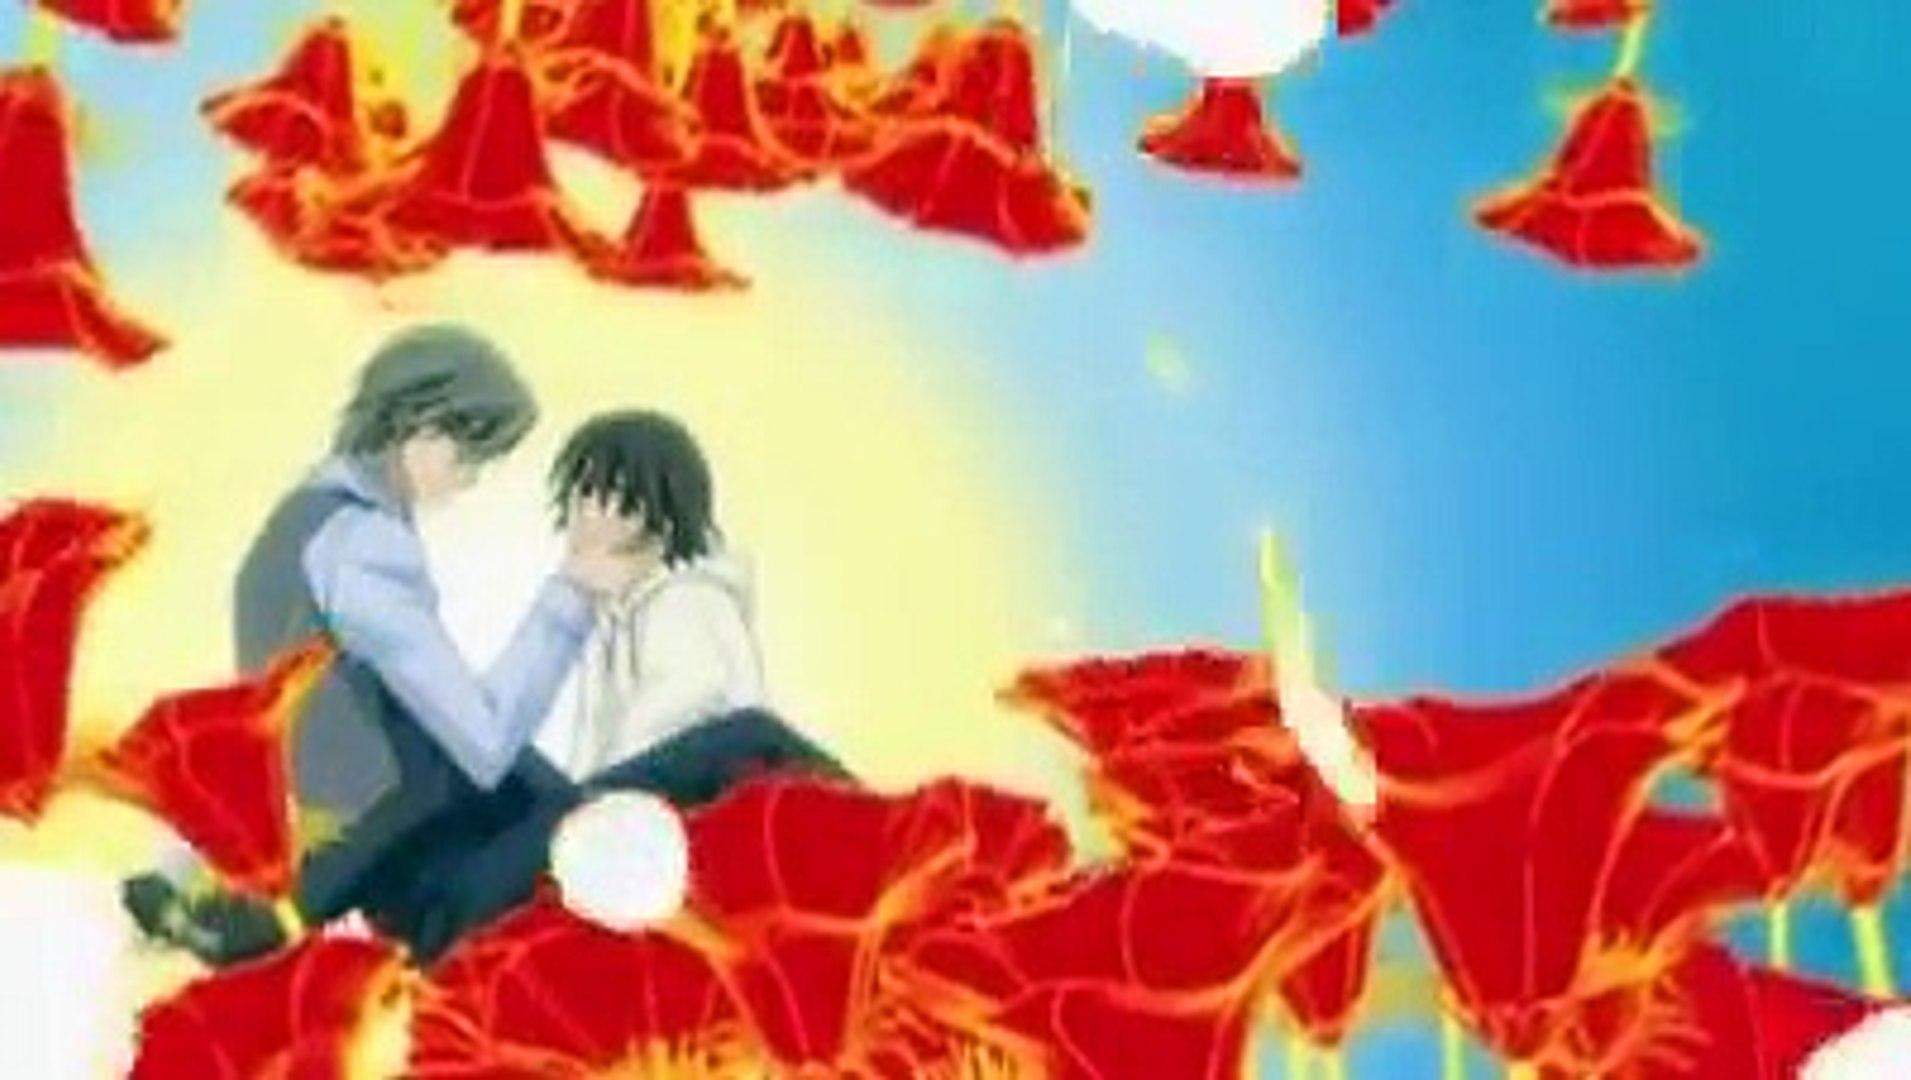 انمي ياوي جونجو روماتيكا الجزء الاول الحلقة 10